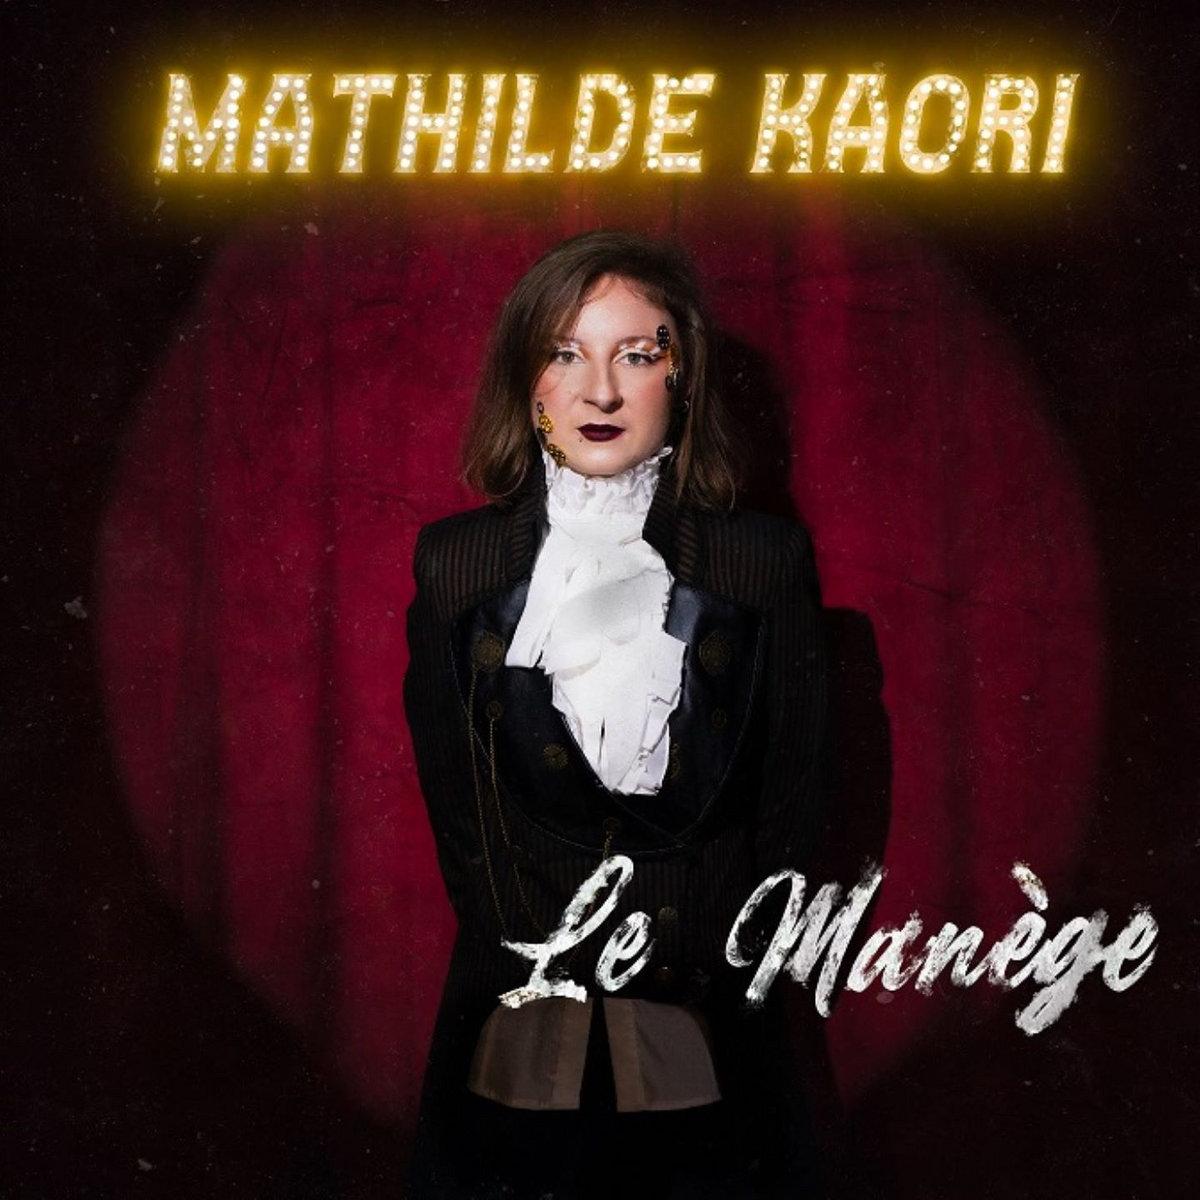 Le Manège | Mathilde Kaori